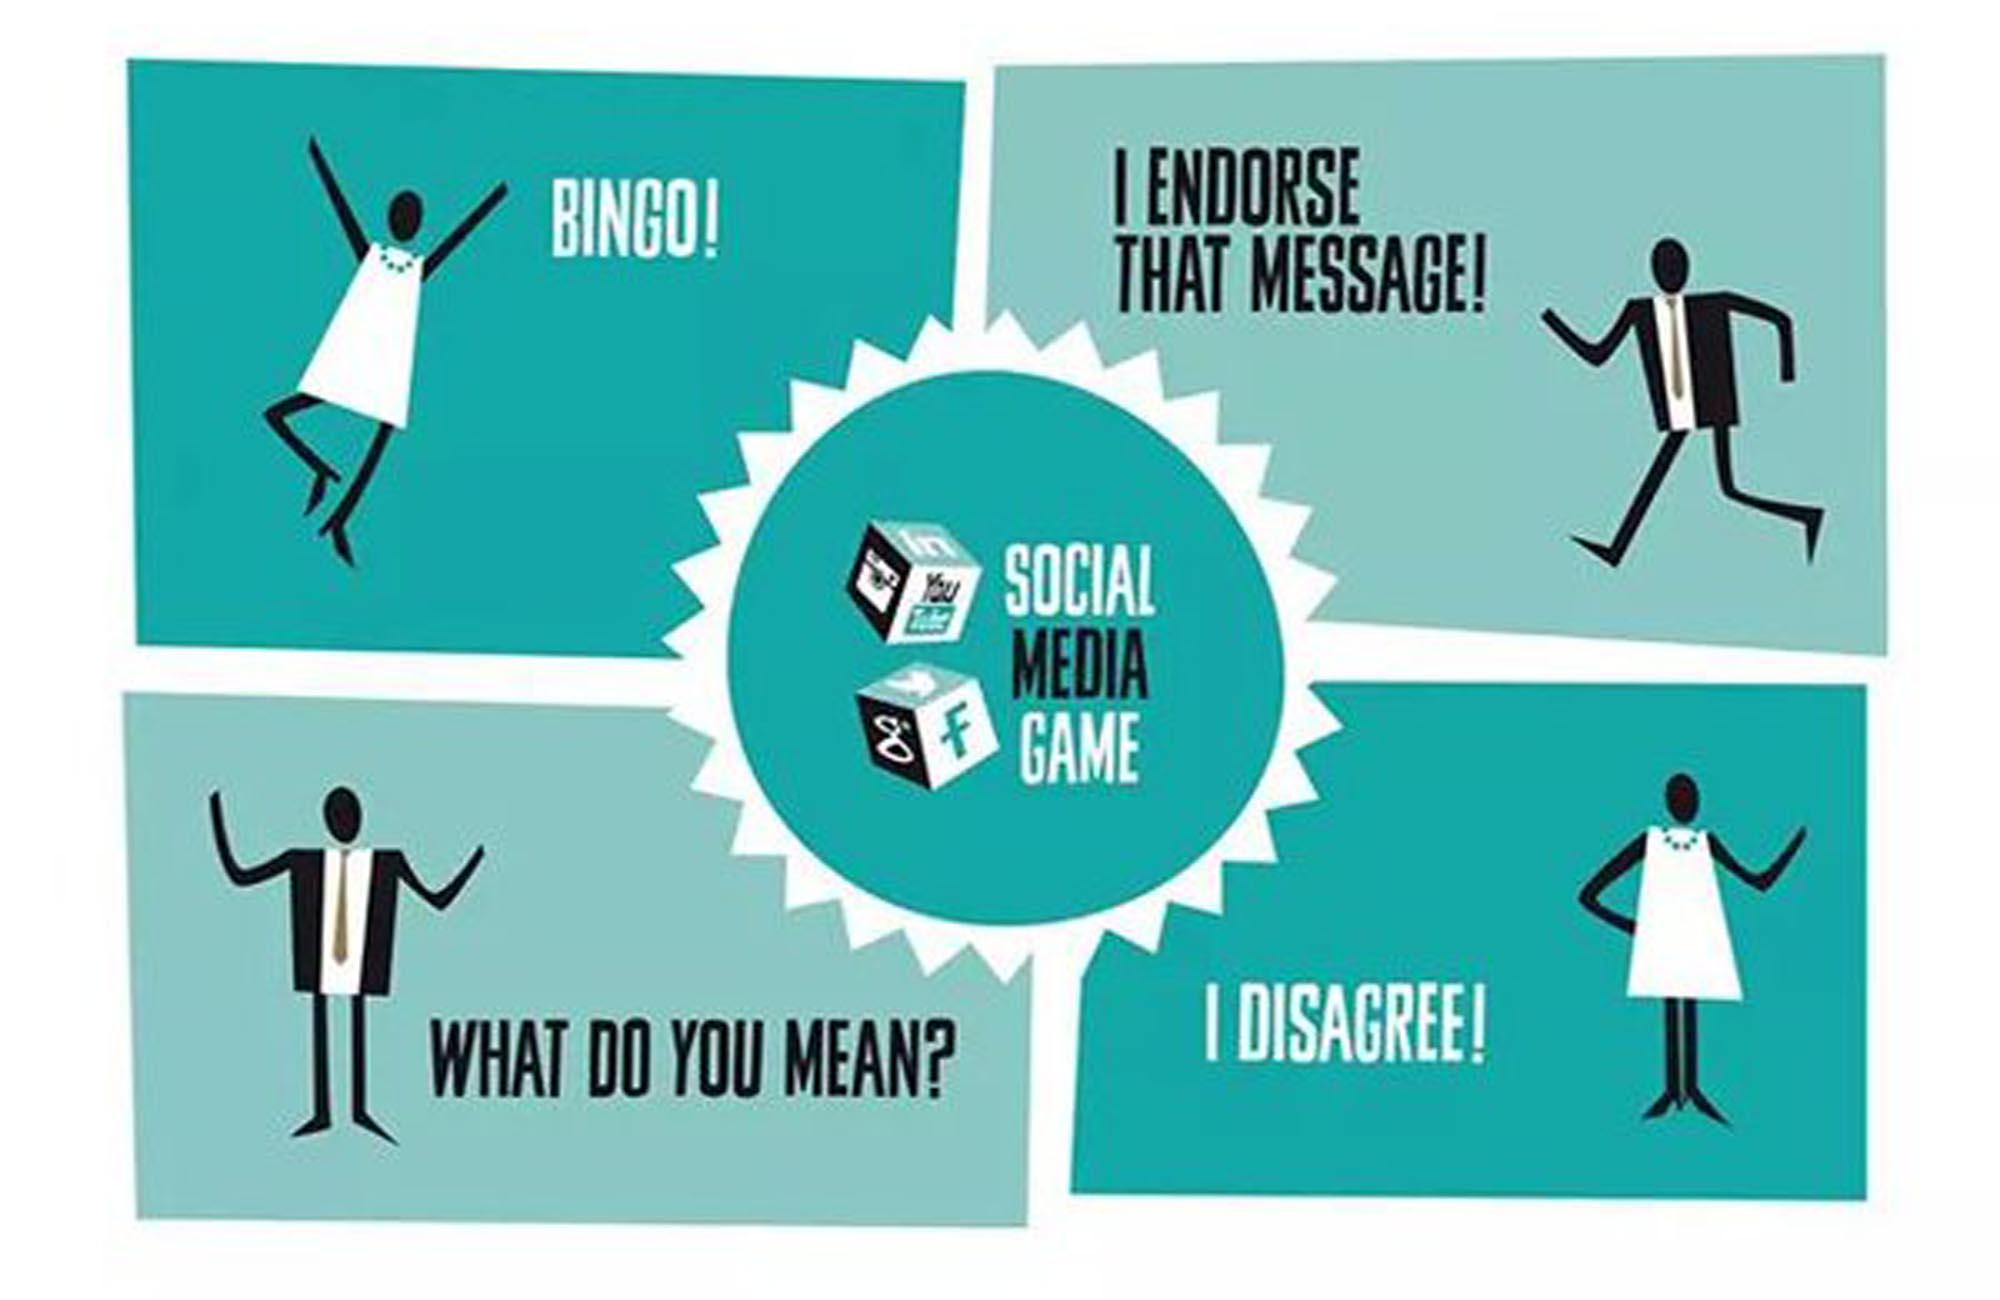 Social media game - gamificación para eventos